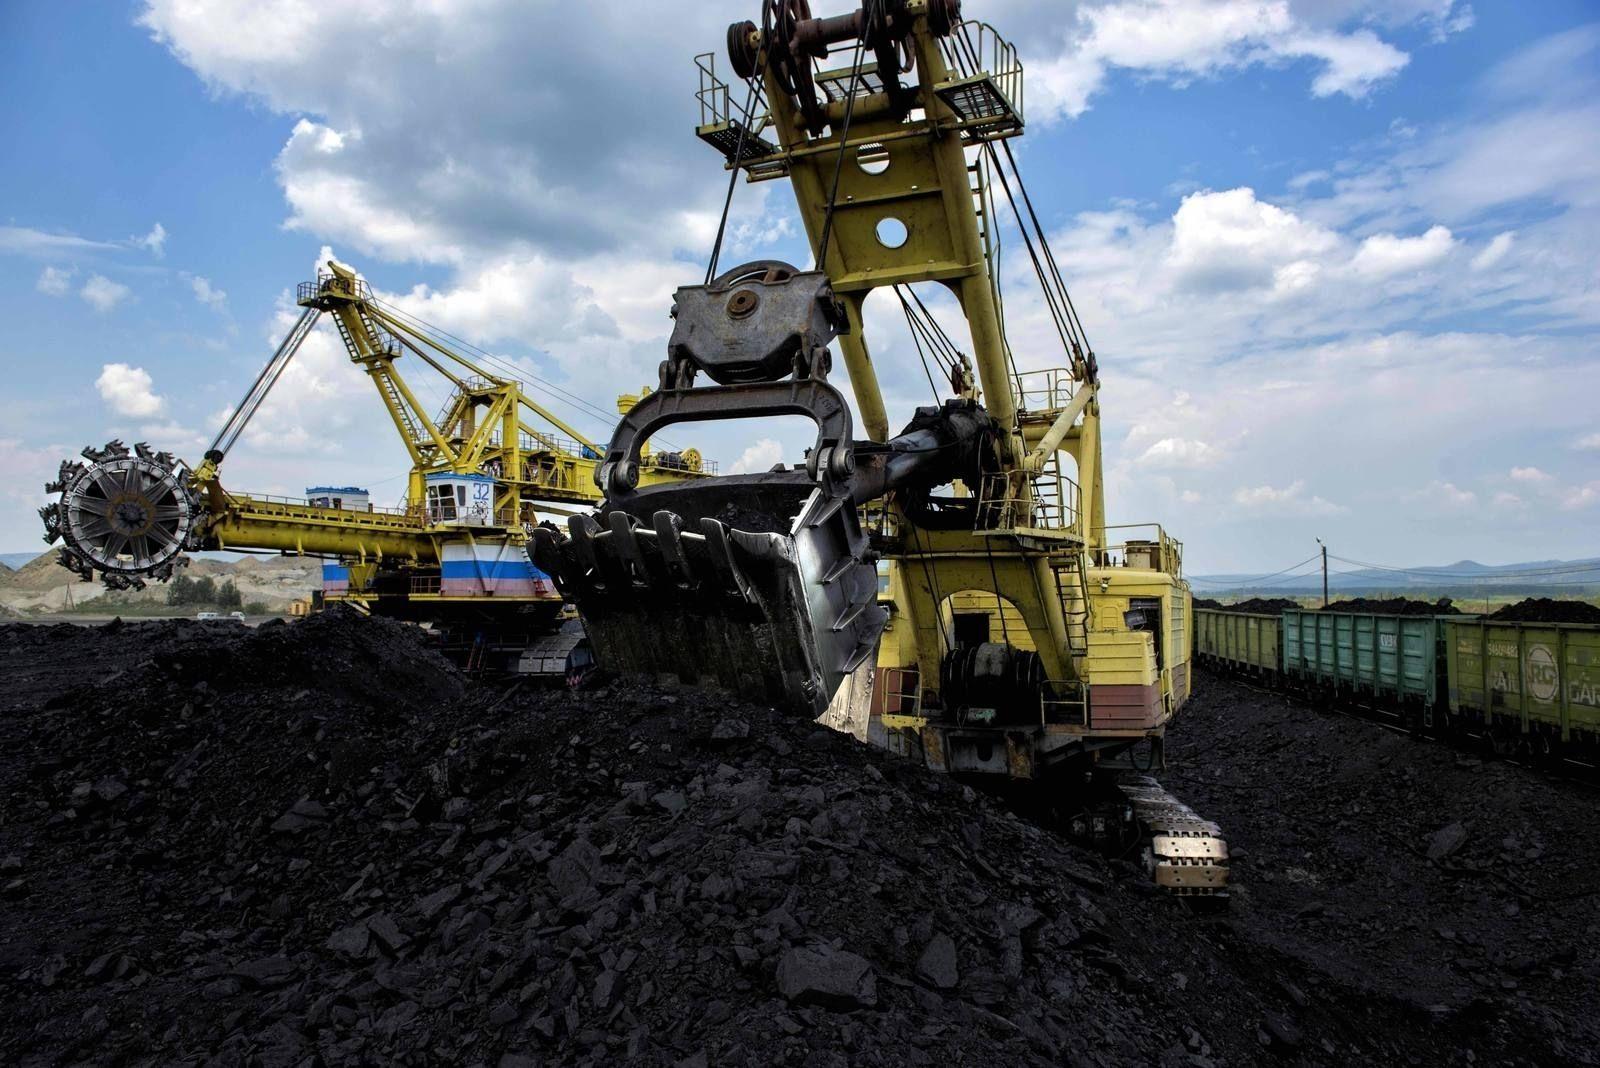 ОХУ Азийн нүүрсний зах зээлд Австрали, Индонезийг ардаа орхихоор байна